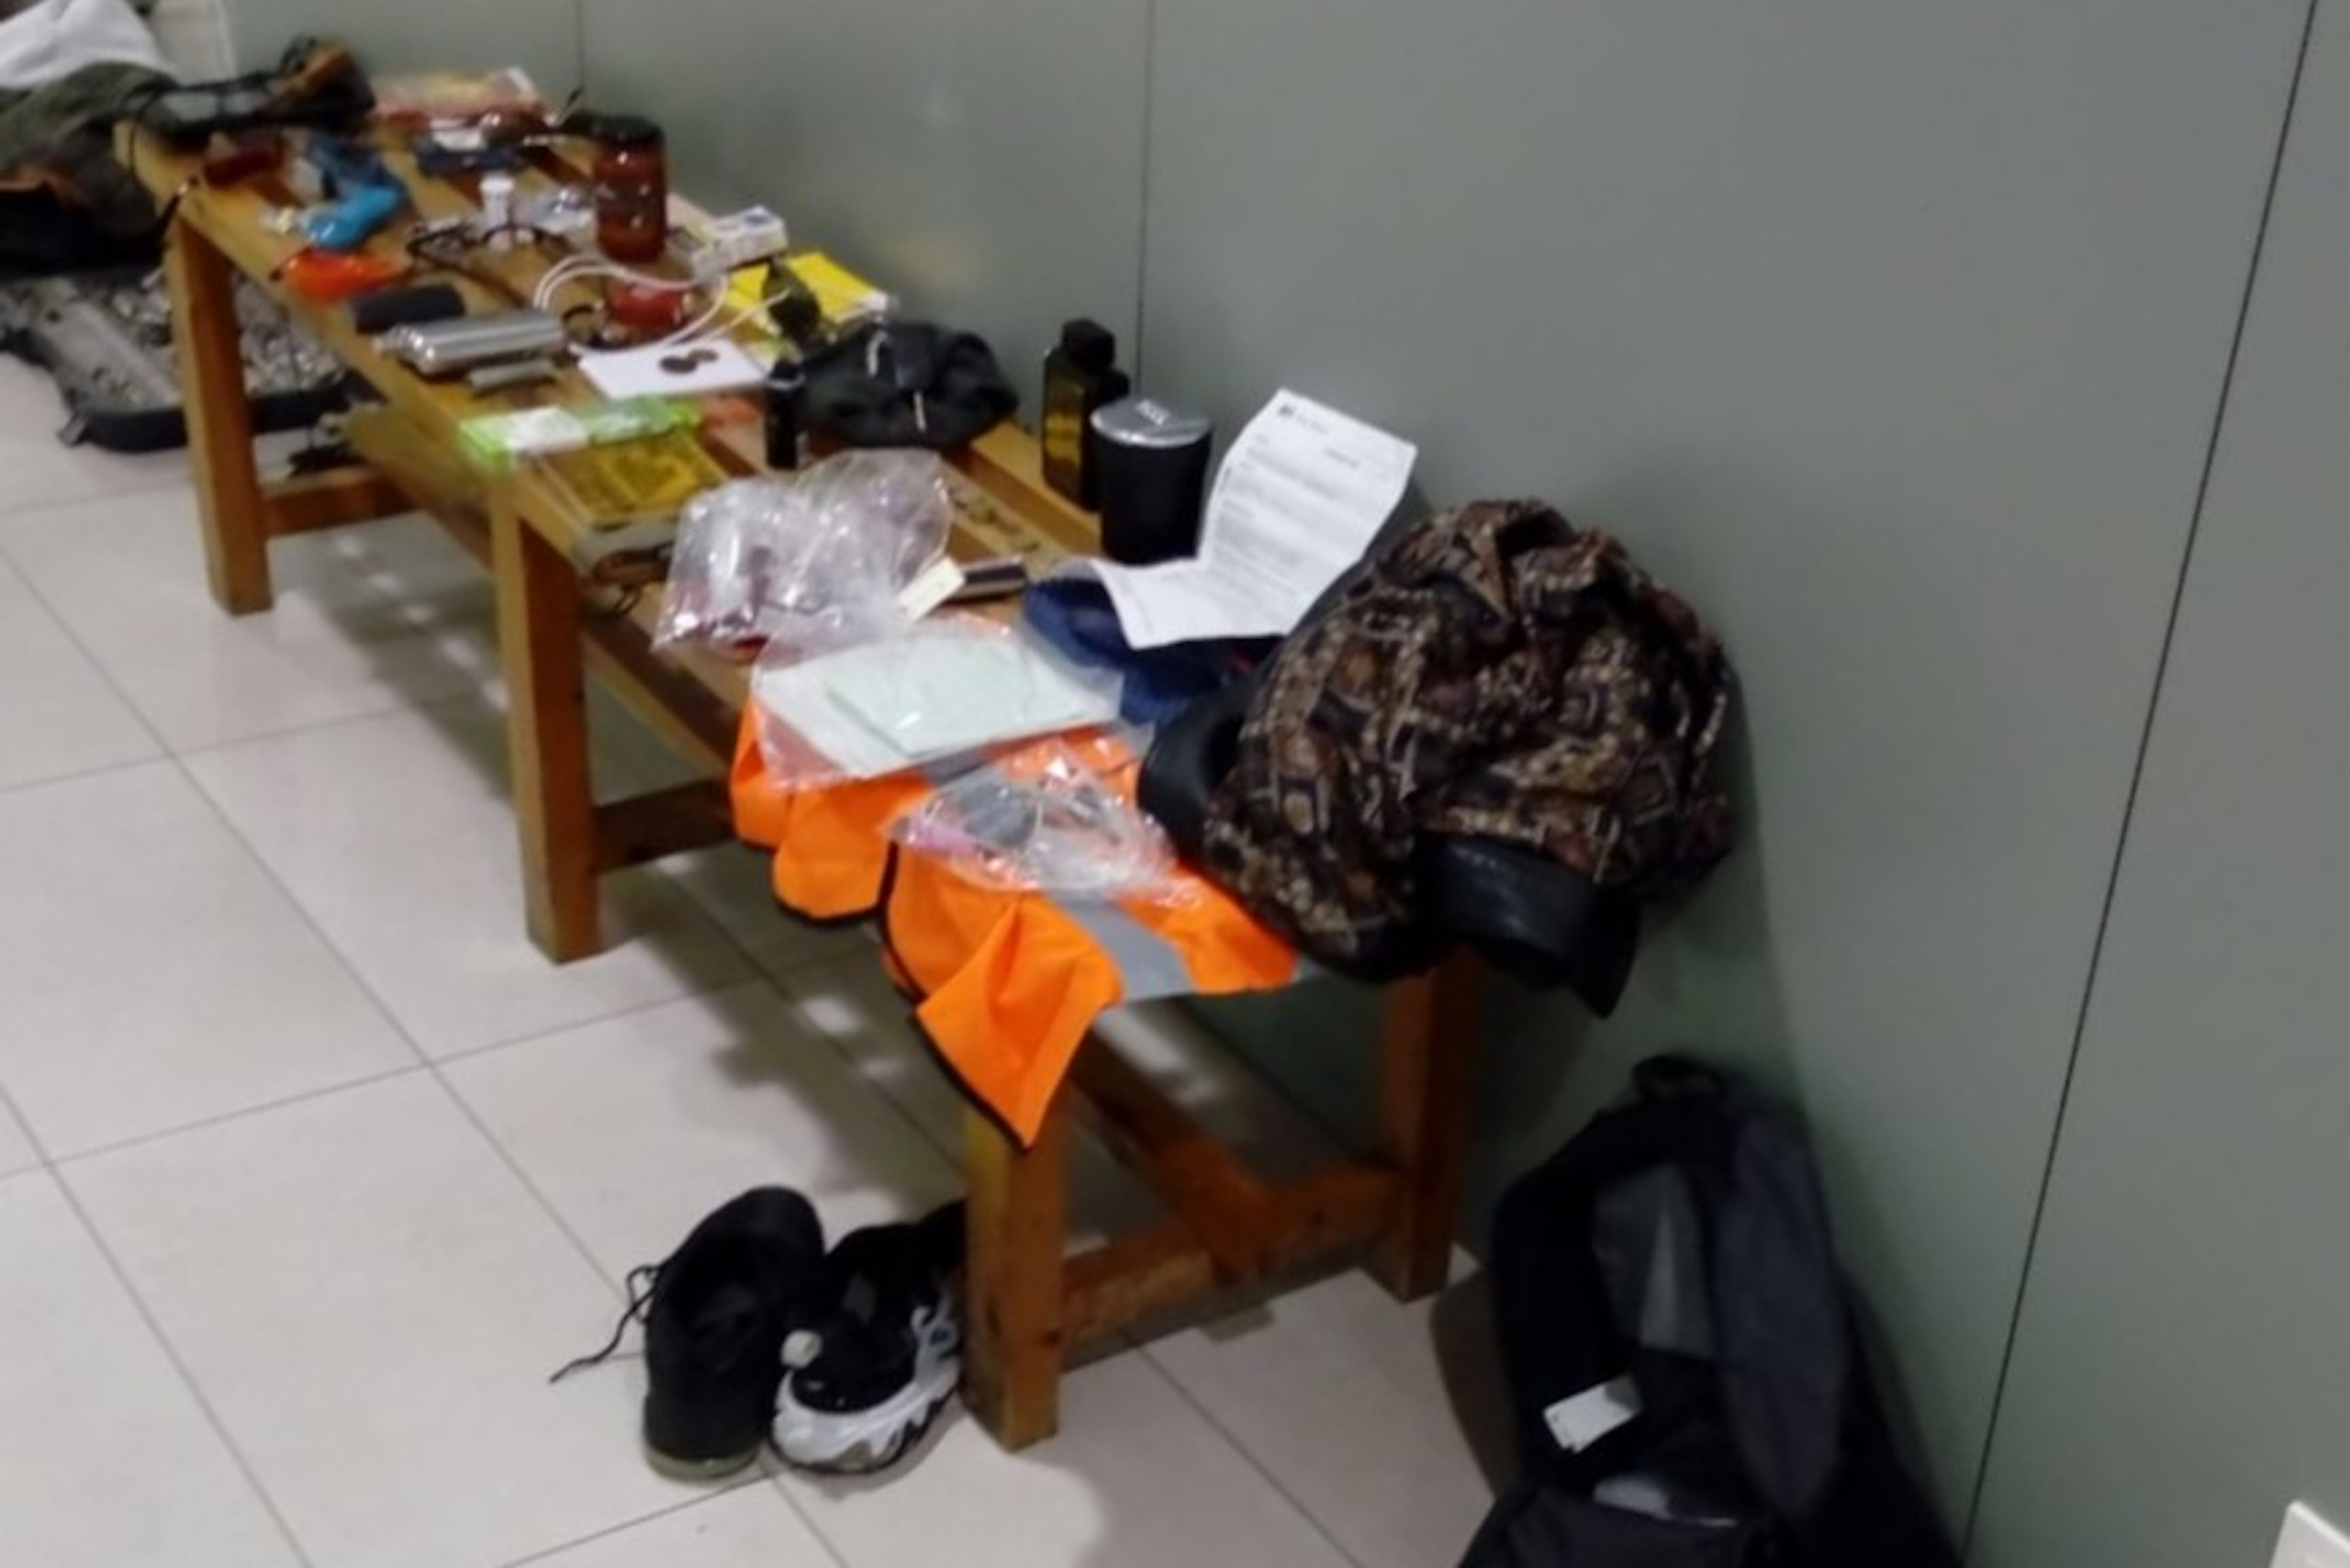 Alguns dels objectes que el detingut hauria robat de l'interior de tretze vehicles de Lloret de Mar el 2 de setembre de 2021 / ACN